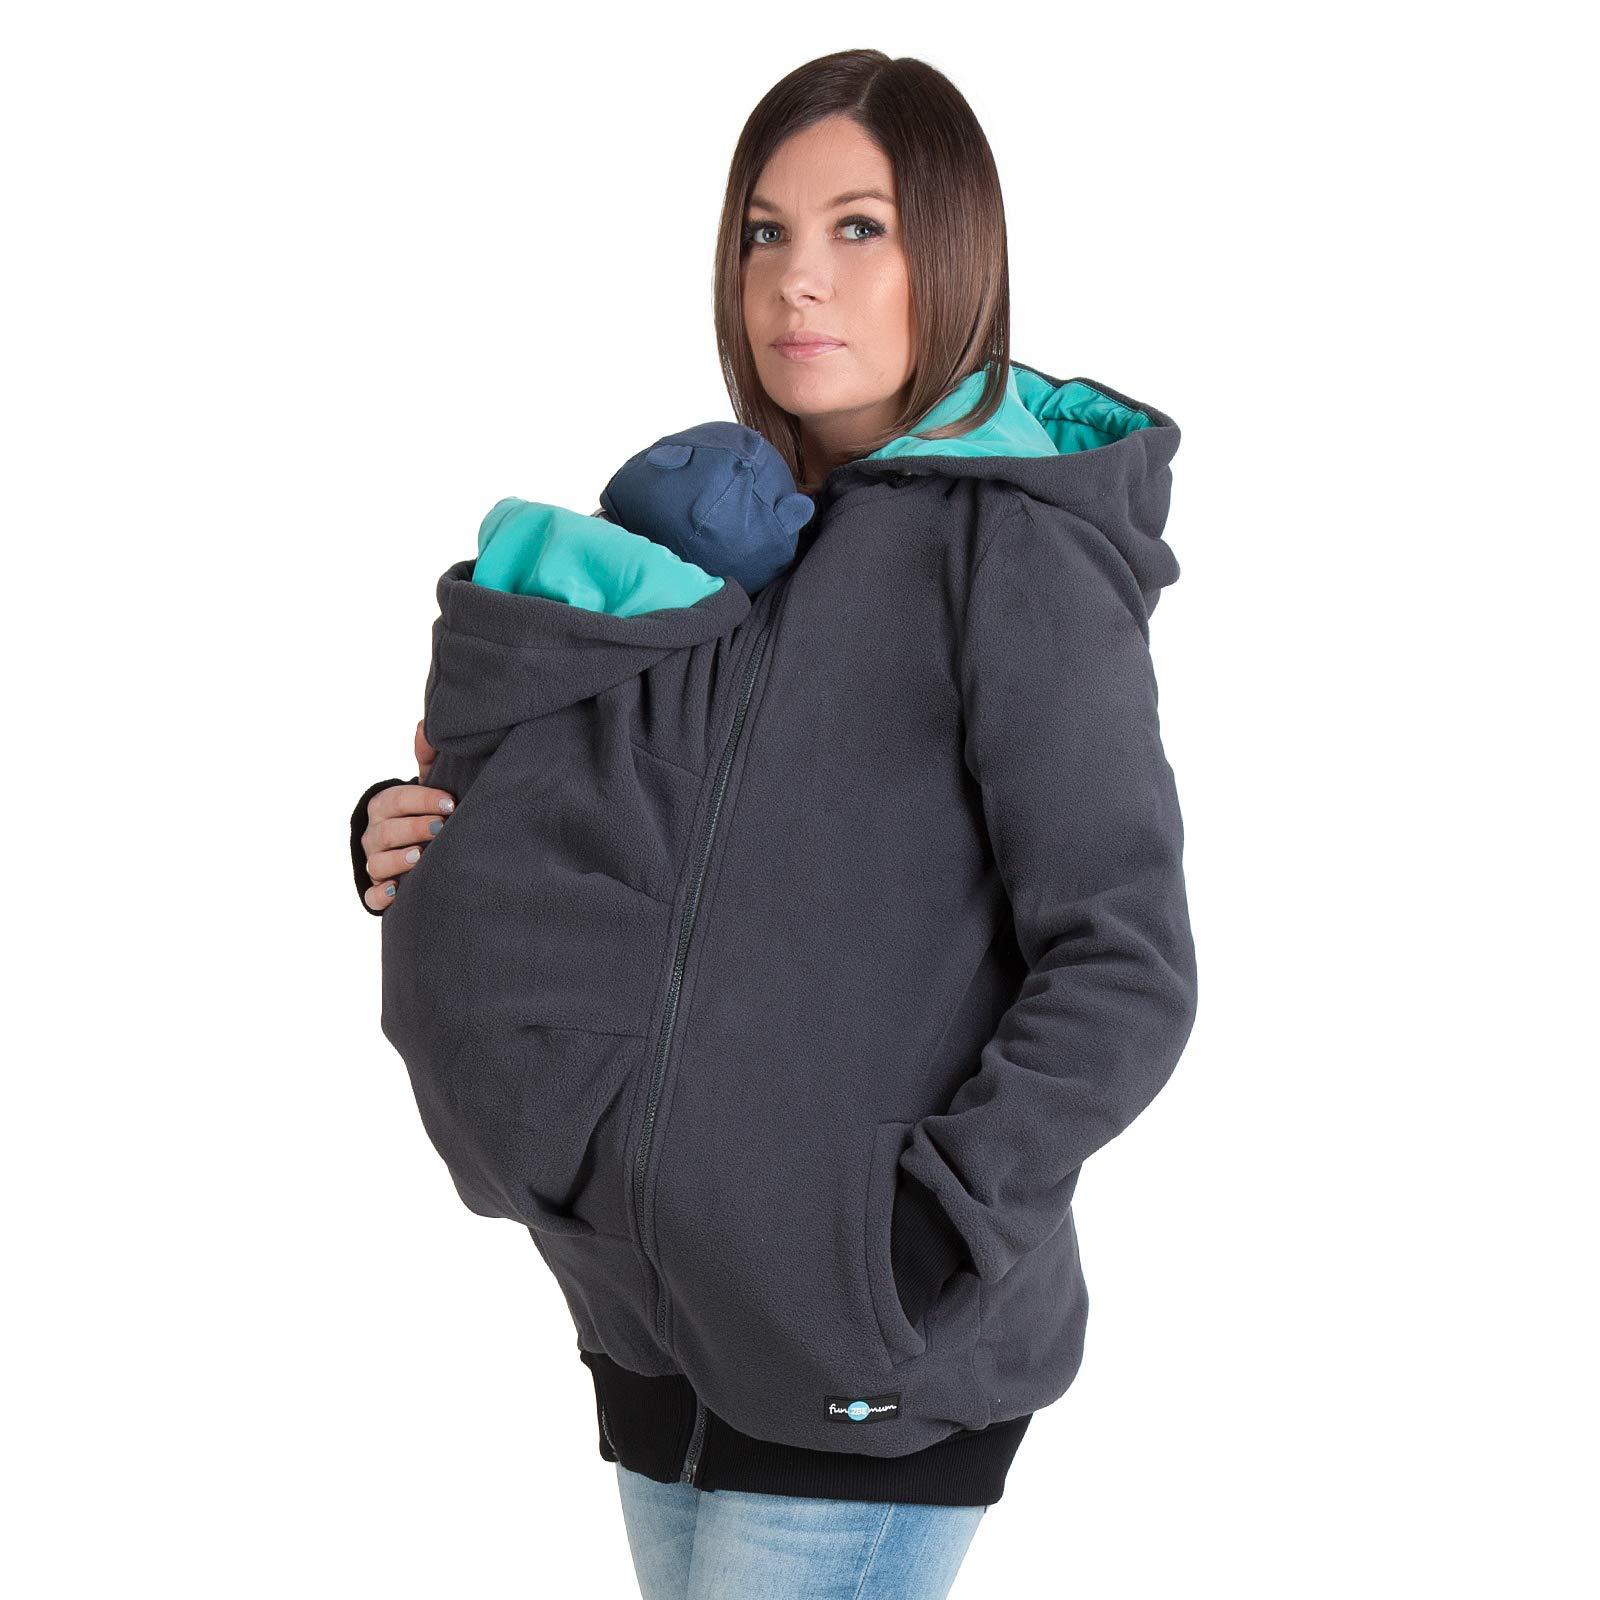 3in1 Maternity Multifunctional Kangaroo Hoodie/jacket for MOM and Baby, Baby Carrying Hoodie (S/M US 6/8) by FUN2BEMUM